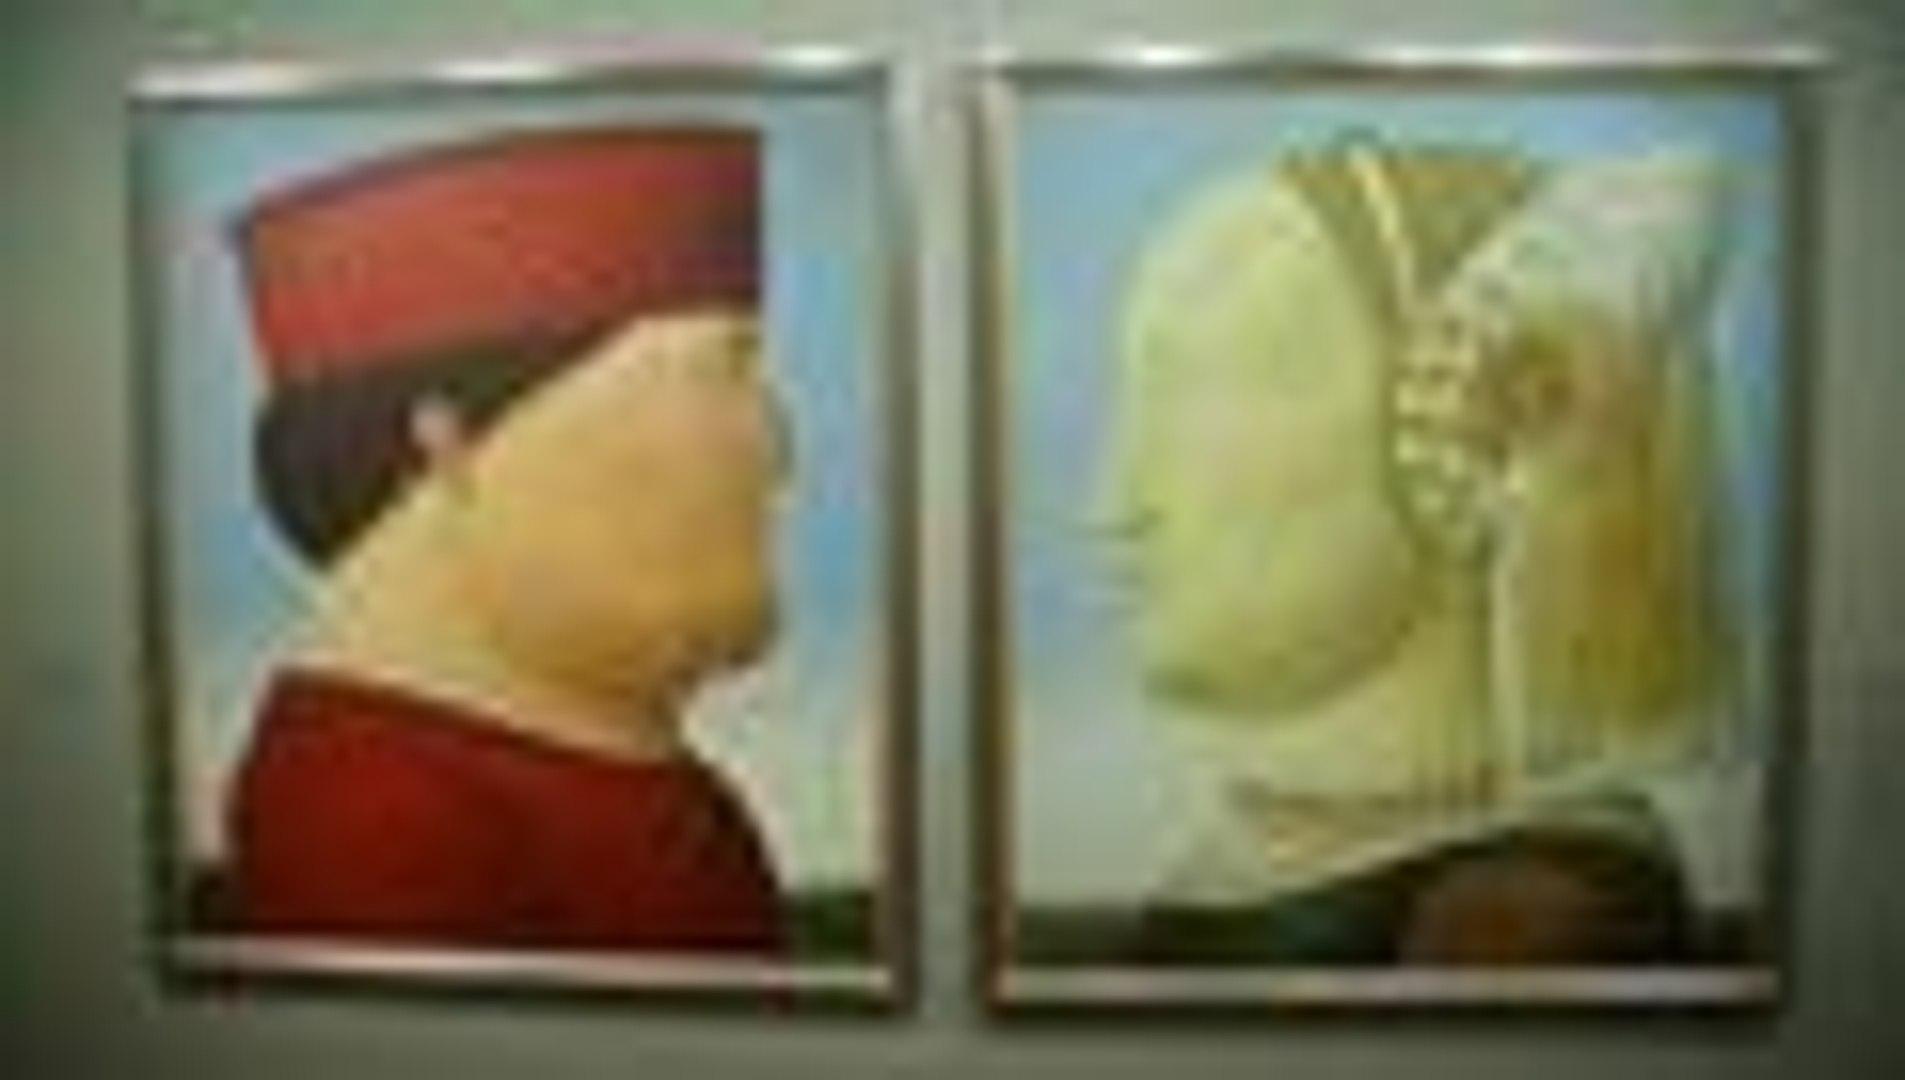 Una exposición resalta las similitudes entre Botero y Picasso